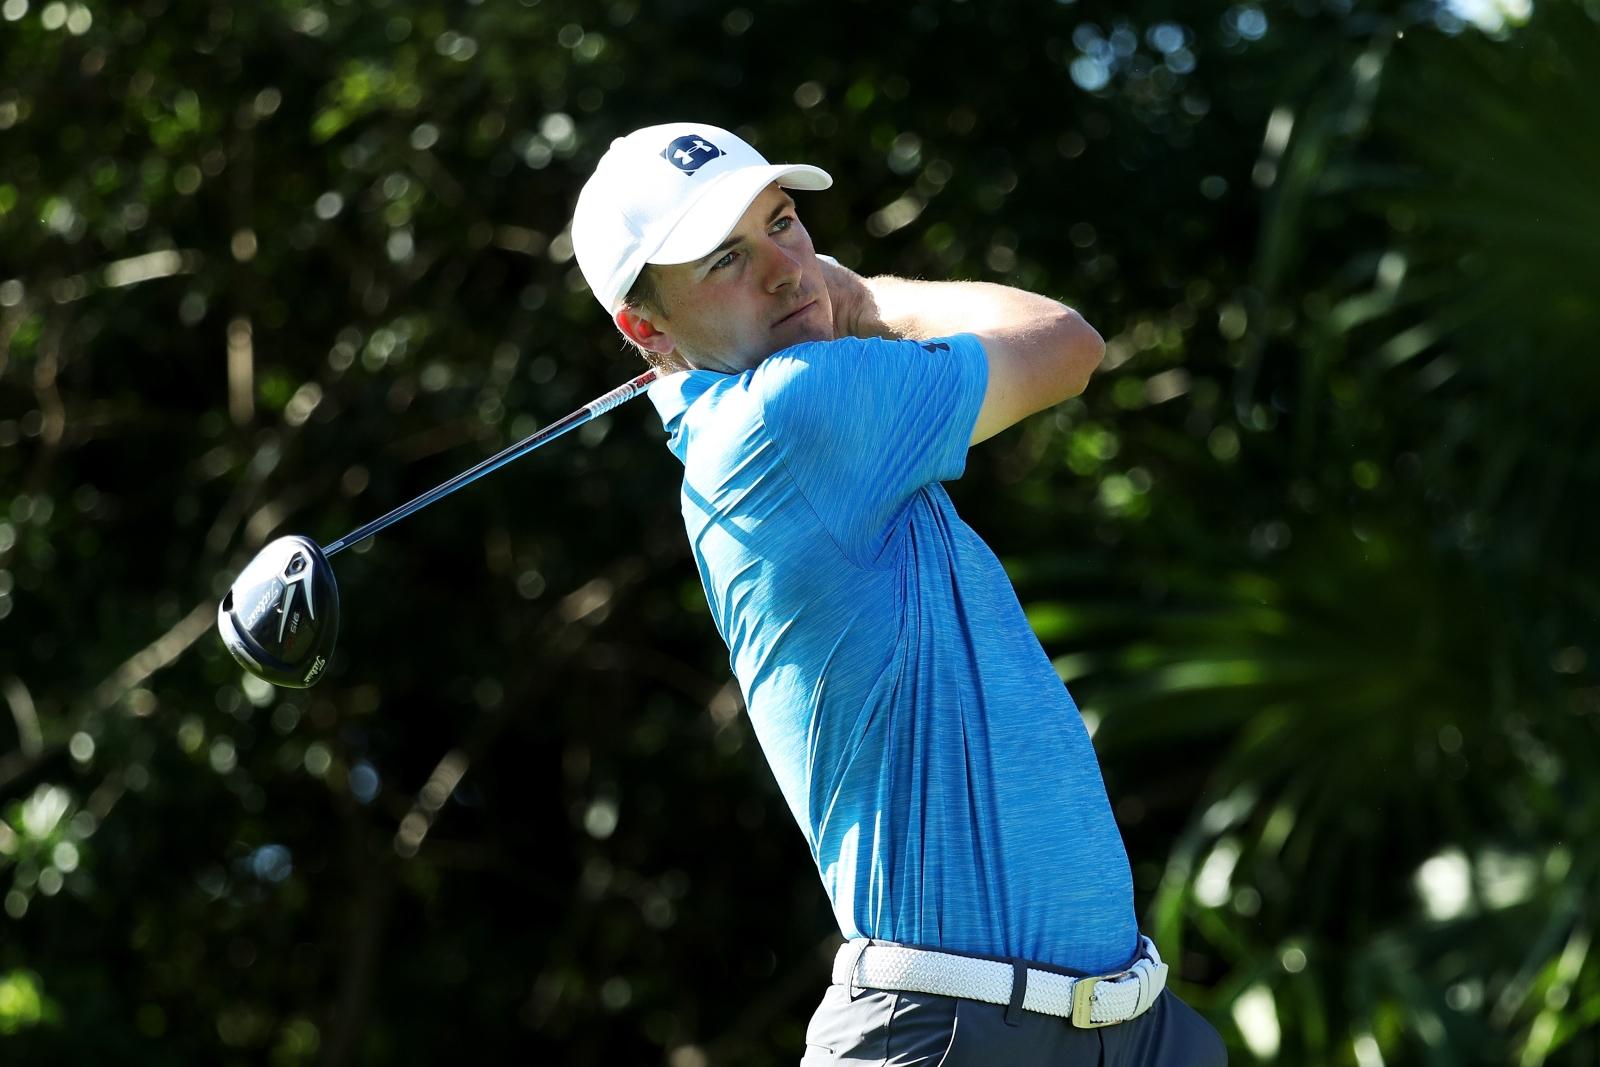 Джордан Спайт, състезател по голф. Спечелил: 41.2 милиона долара.